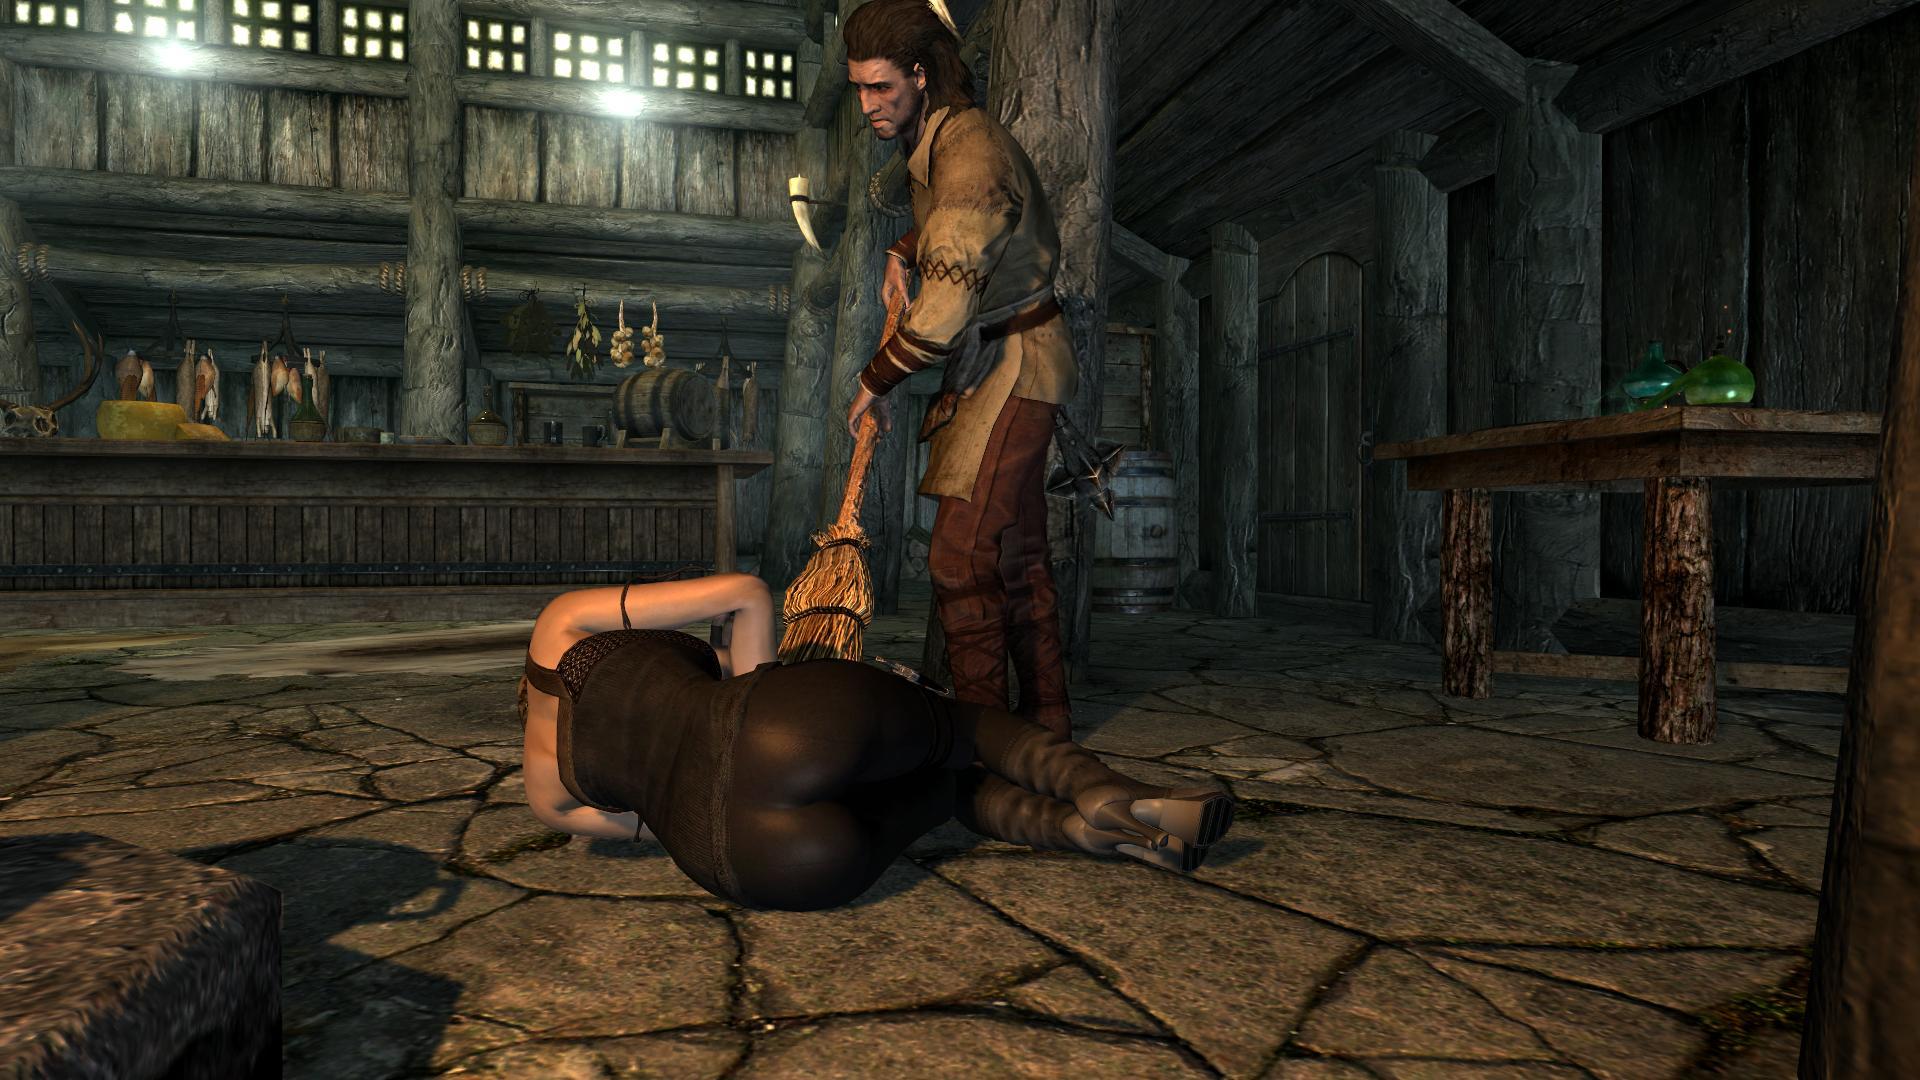 TESV_original 2014-01-26 11-07-43-68.jpg - Elder Scrolls 5: Skyrim, the